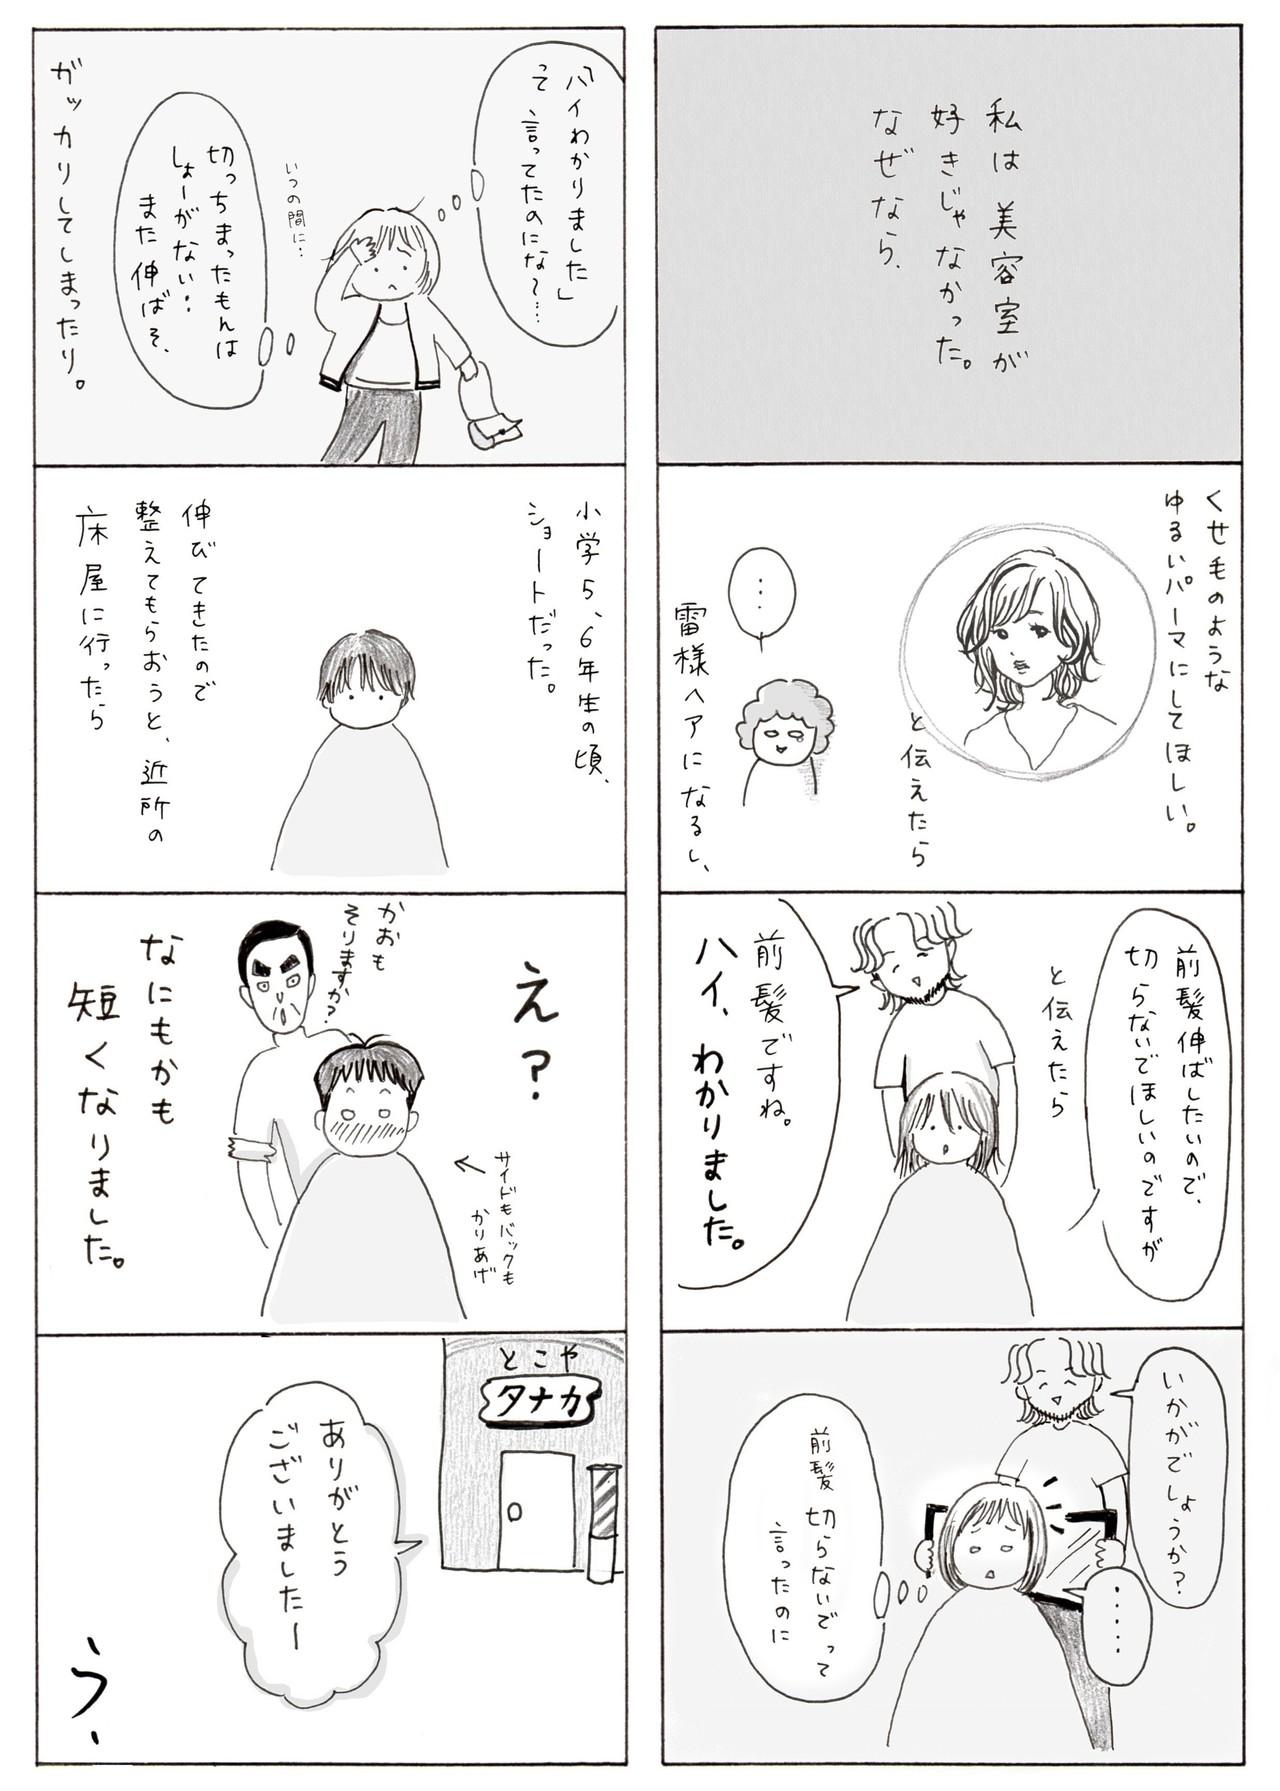 漫画_美容室出会い1note